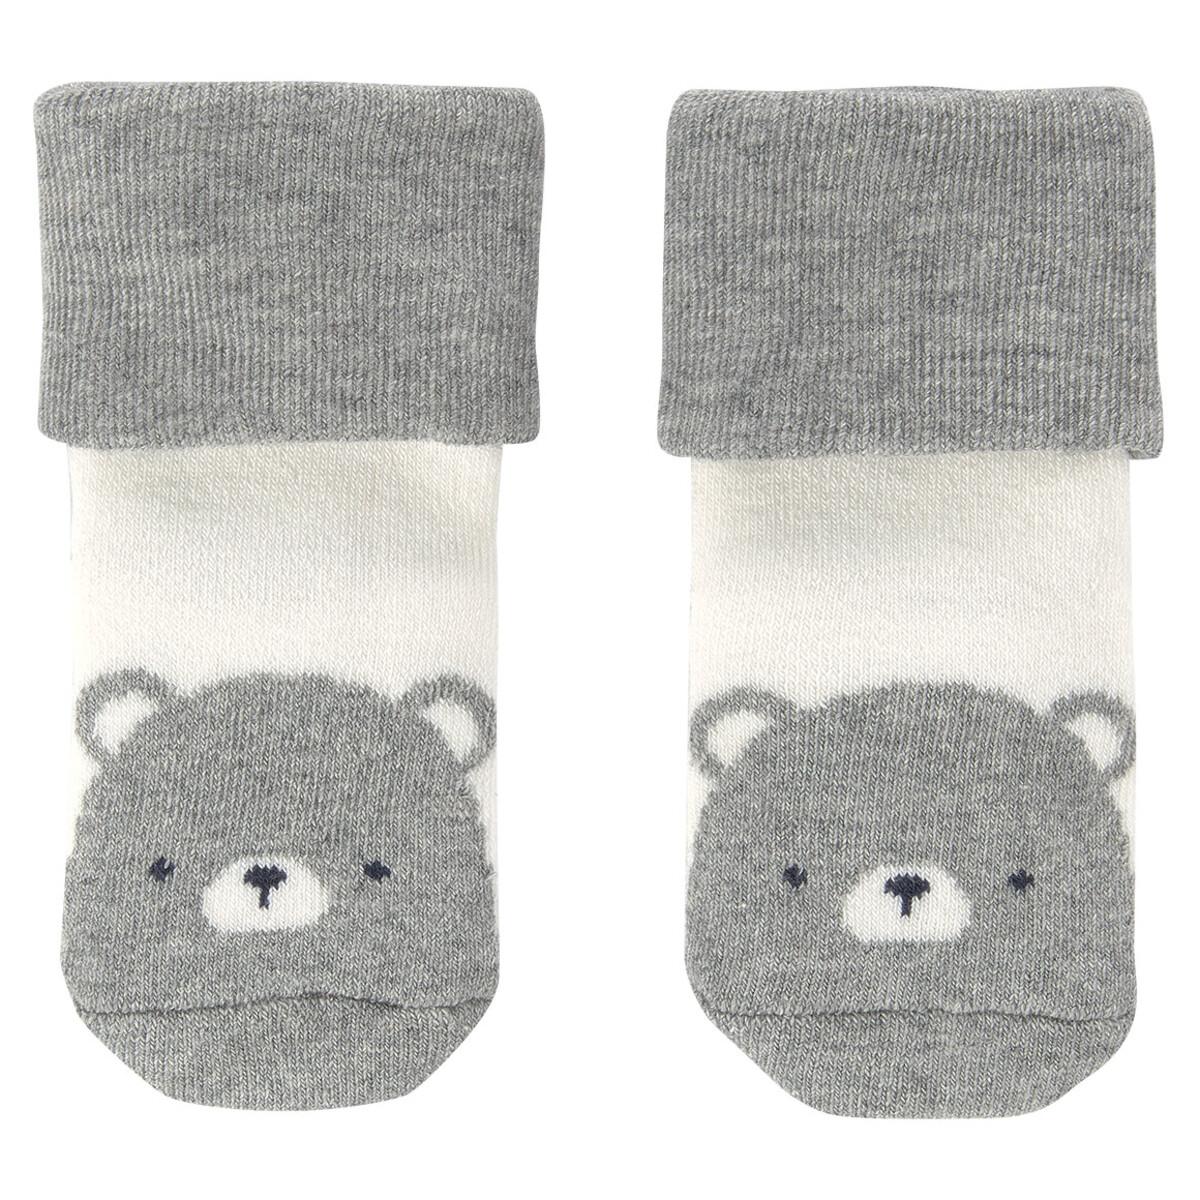 Bild 5 von 3 Paar Newborn Socken mit Born 2020-Motiv